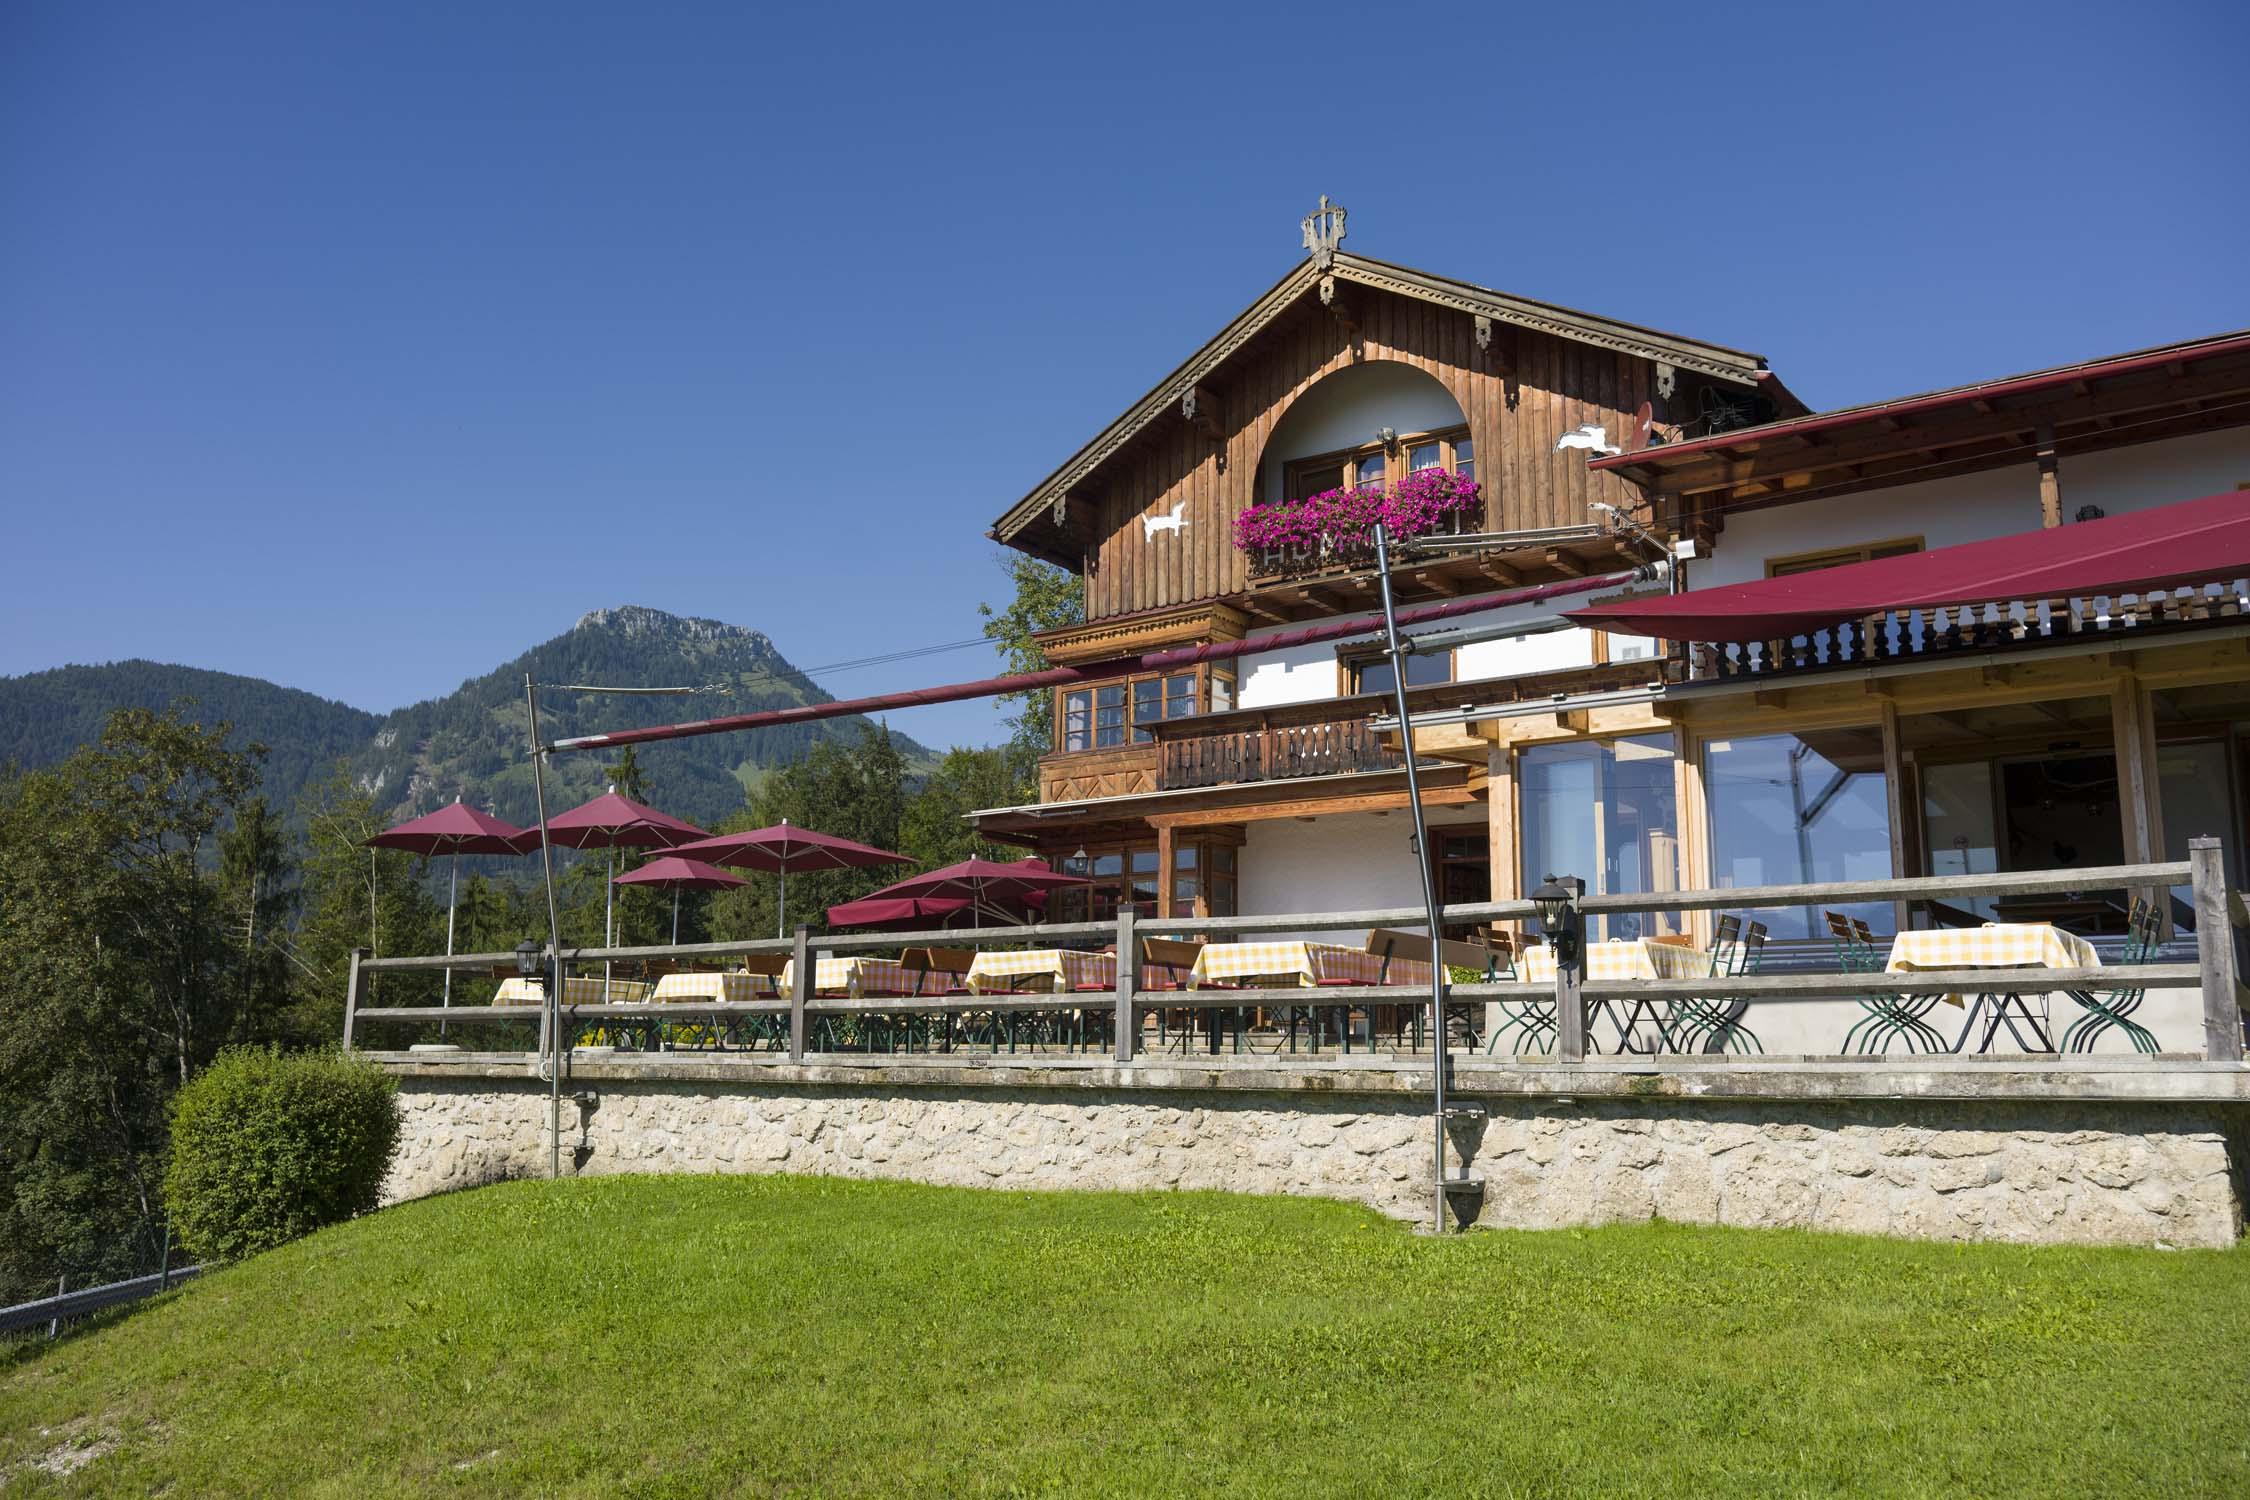 Ferienwohnung Berggasthof Hummelei (DE Oberaudorf). Ferienwohnung bis 4 Personen (711721), Oberaudorf, Chiemgau, Bayern, Deutschland, Bild 3